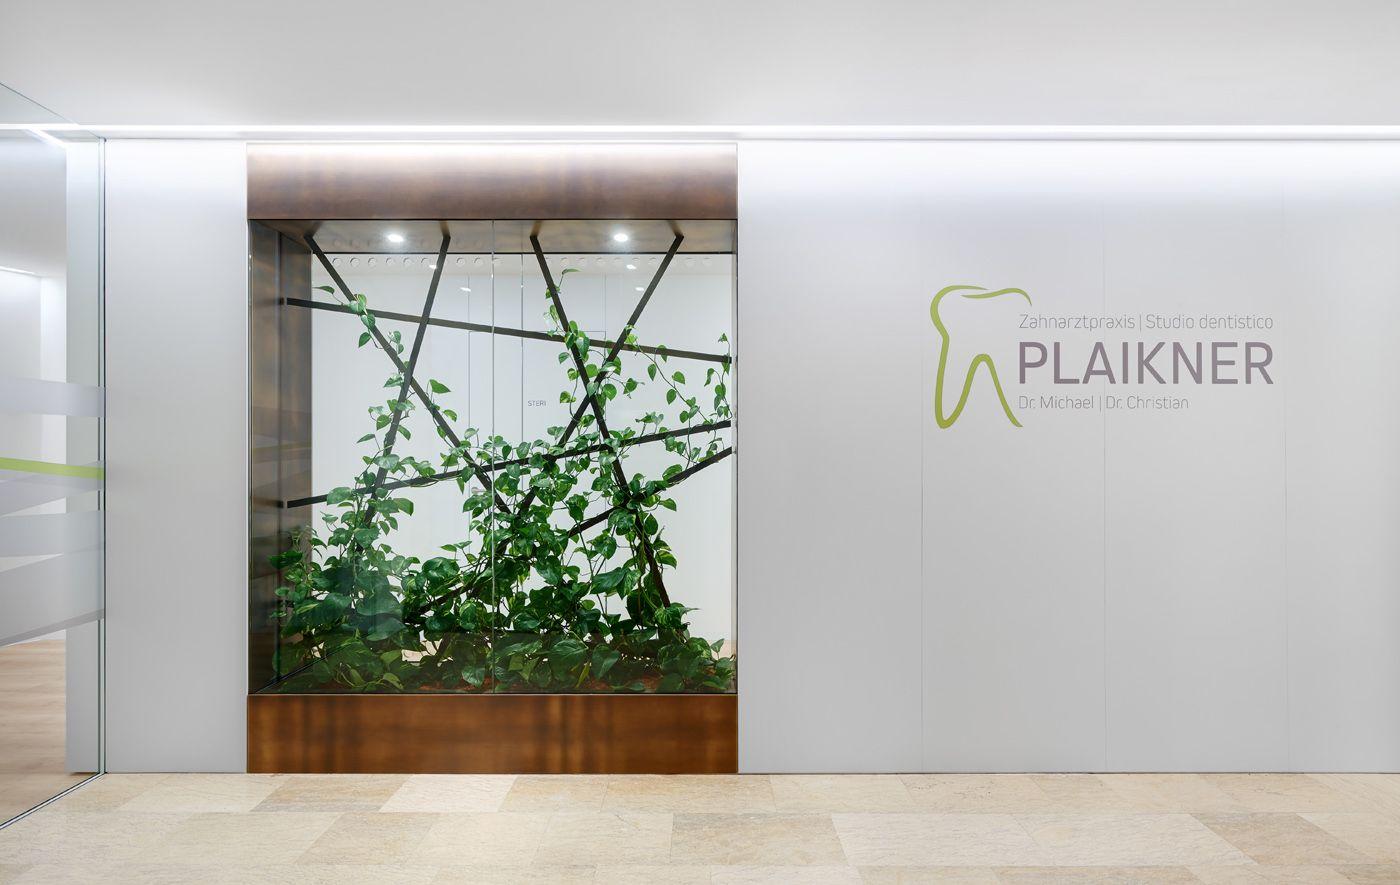 Plafoniere Per Studi Dentistici : Risultati immagini per studi dentistici design con stile